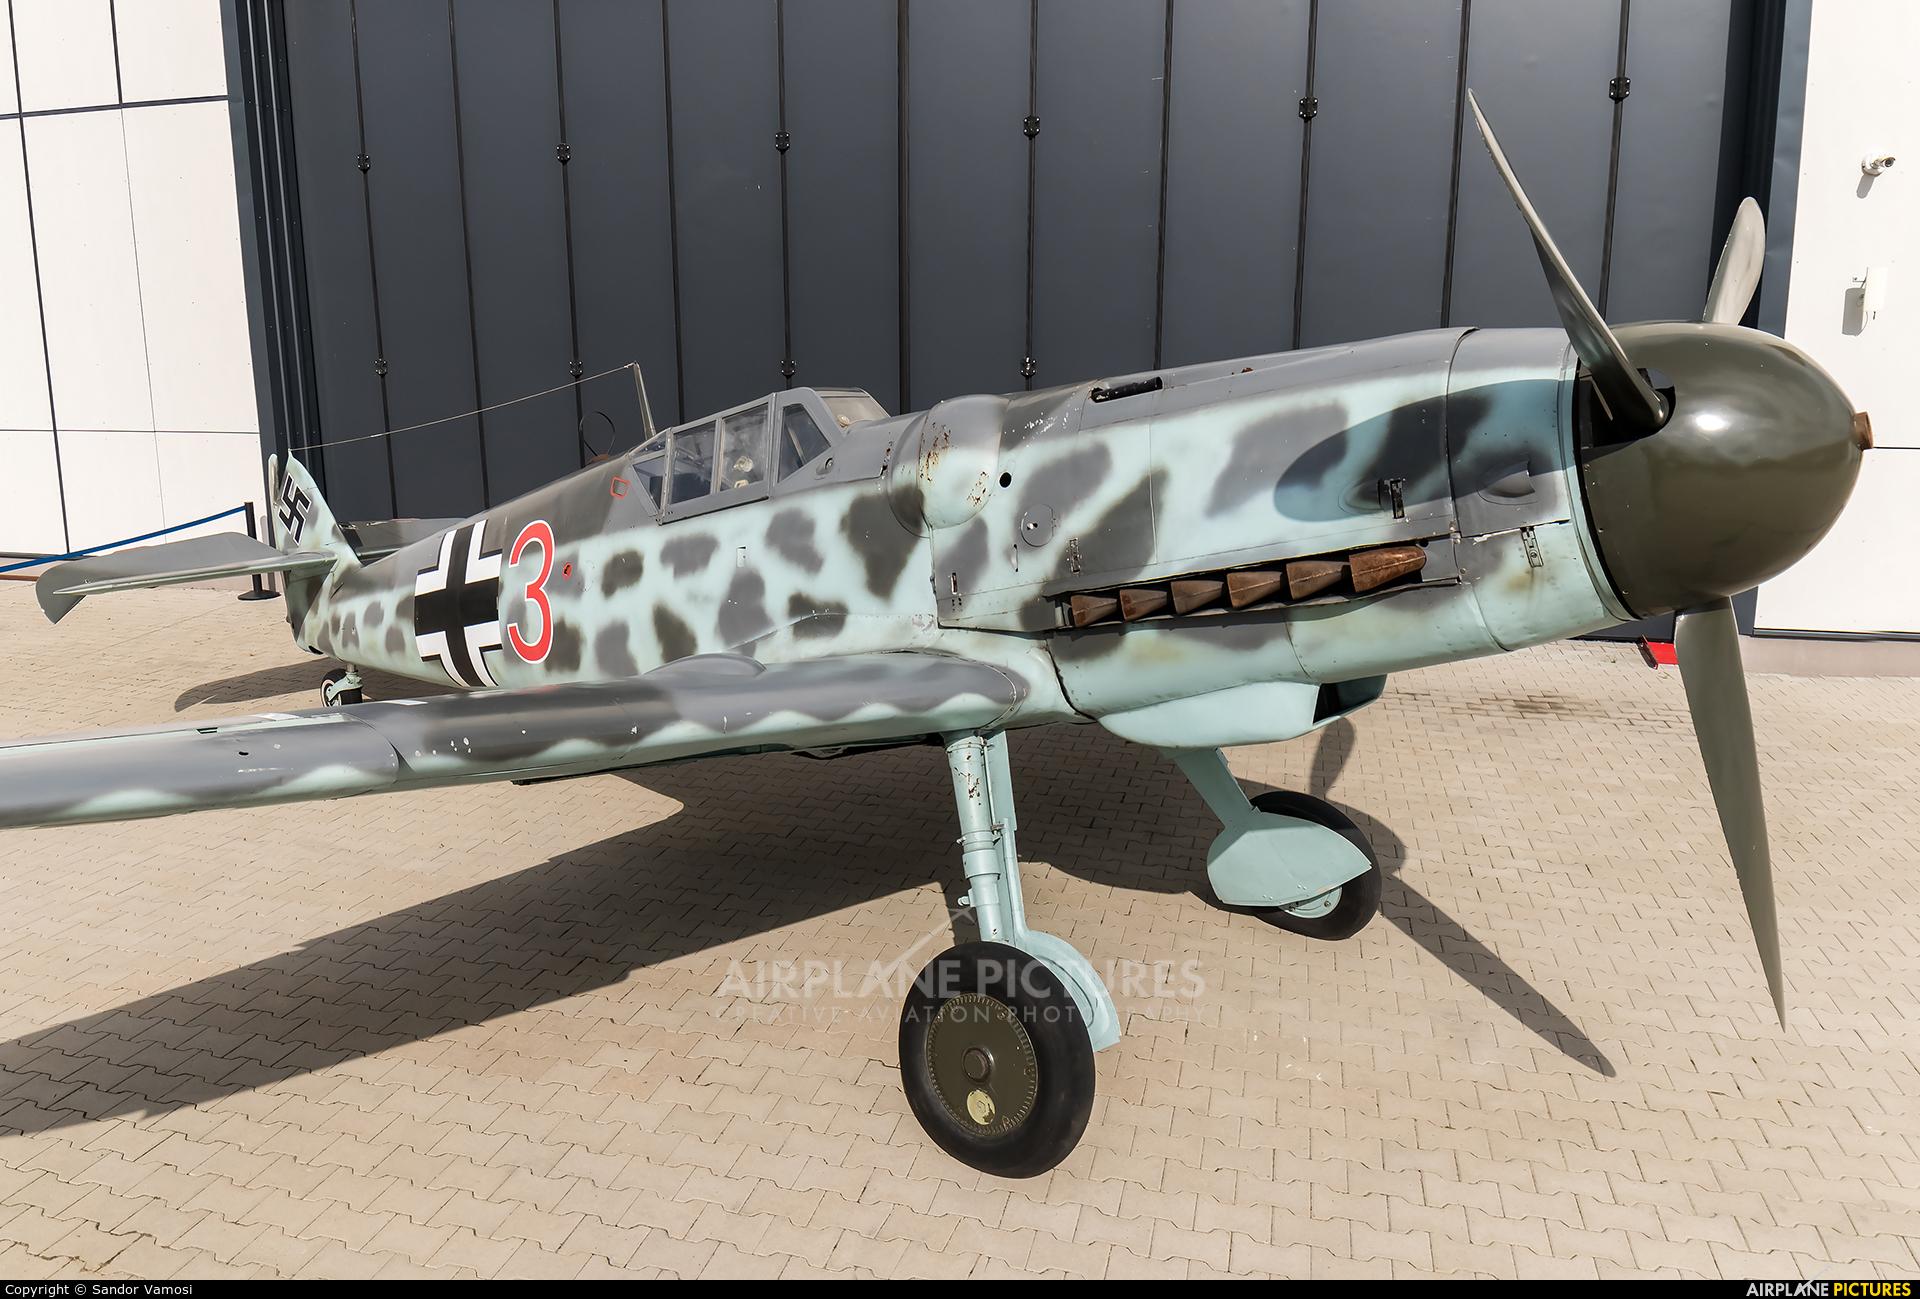 Polish Eagles Foundation 163306 aircraft at Off Airport - Hungary